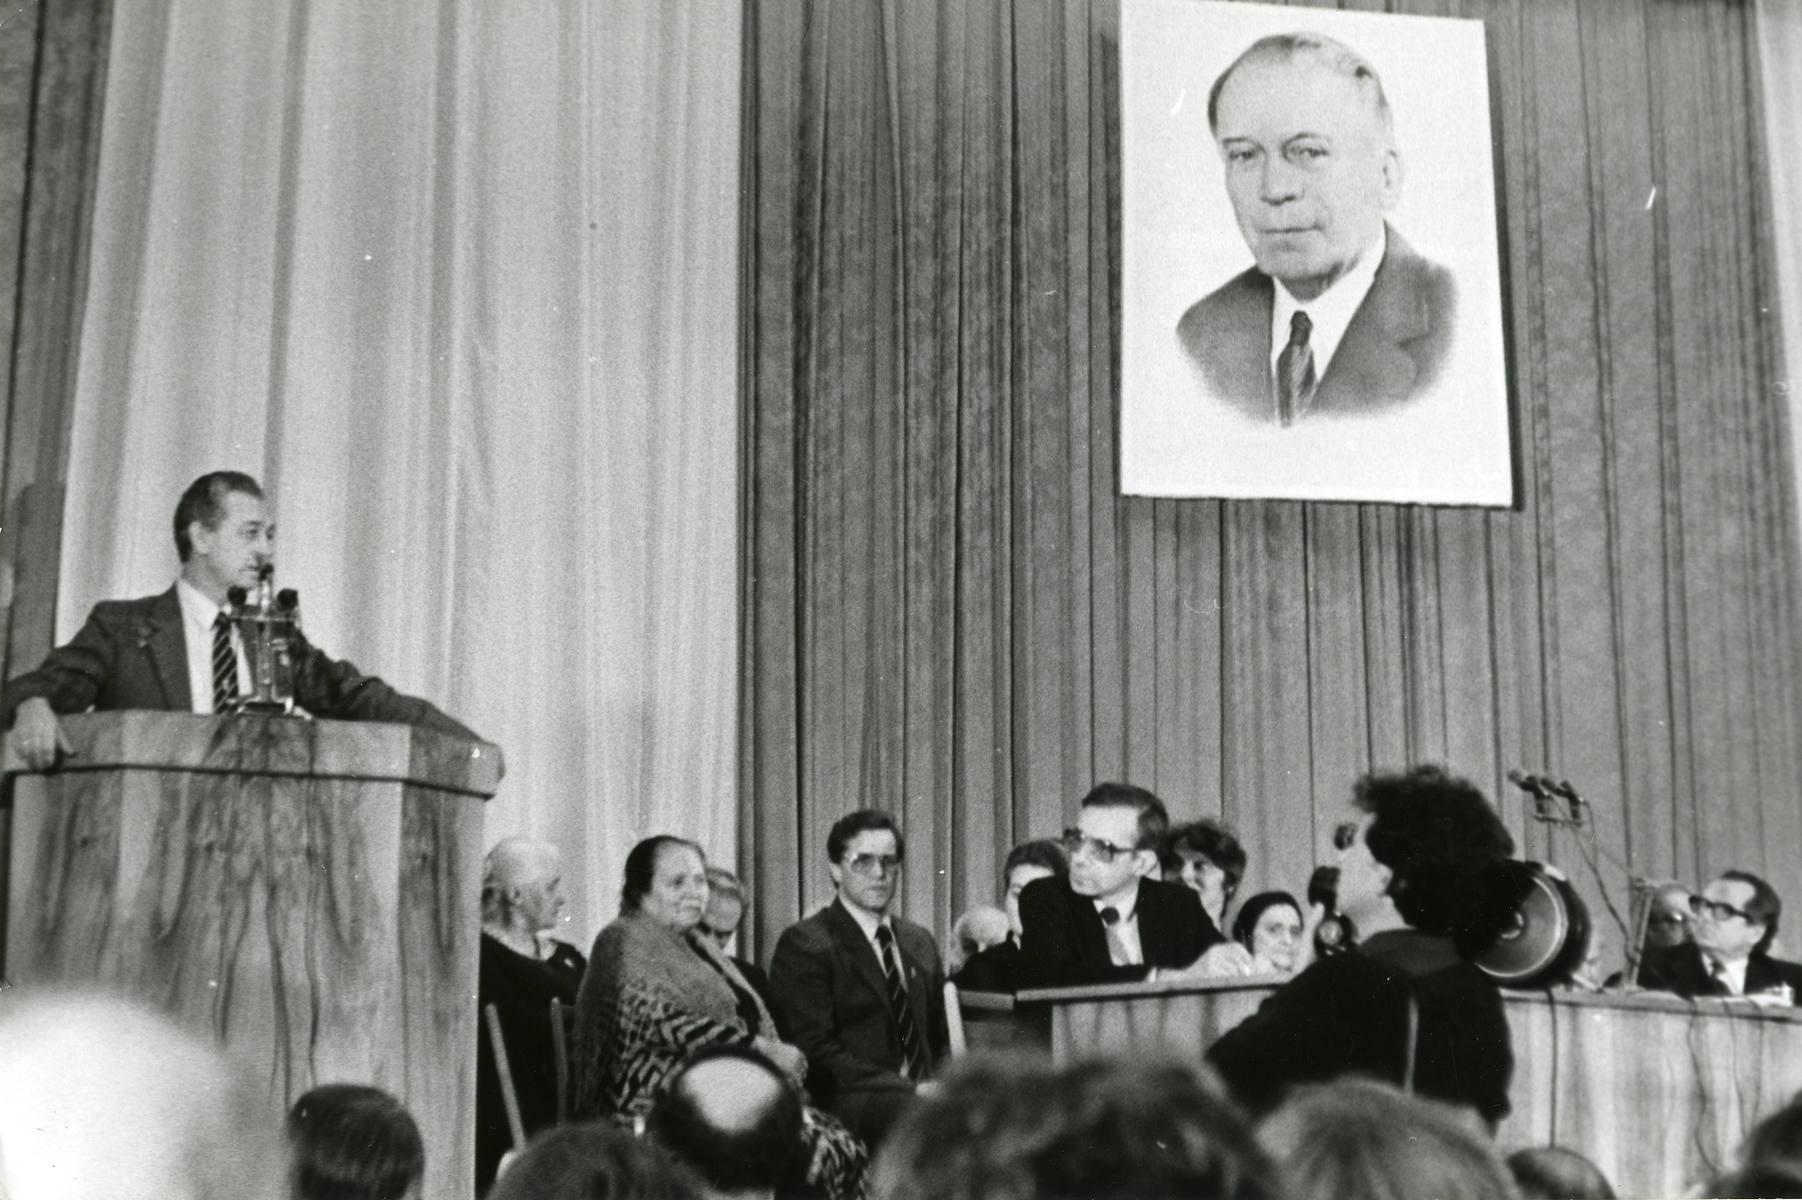 Летчик-космонавт В.И. Севастьянов выступает на вечере памяти А.Л. Чижевского 18 марта 1989 г.